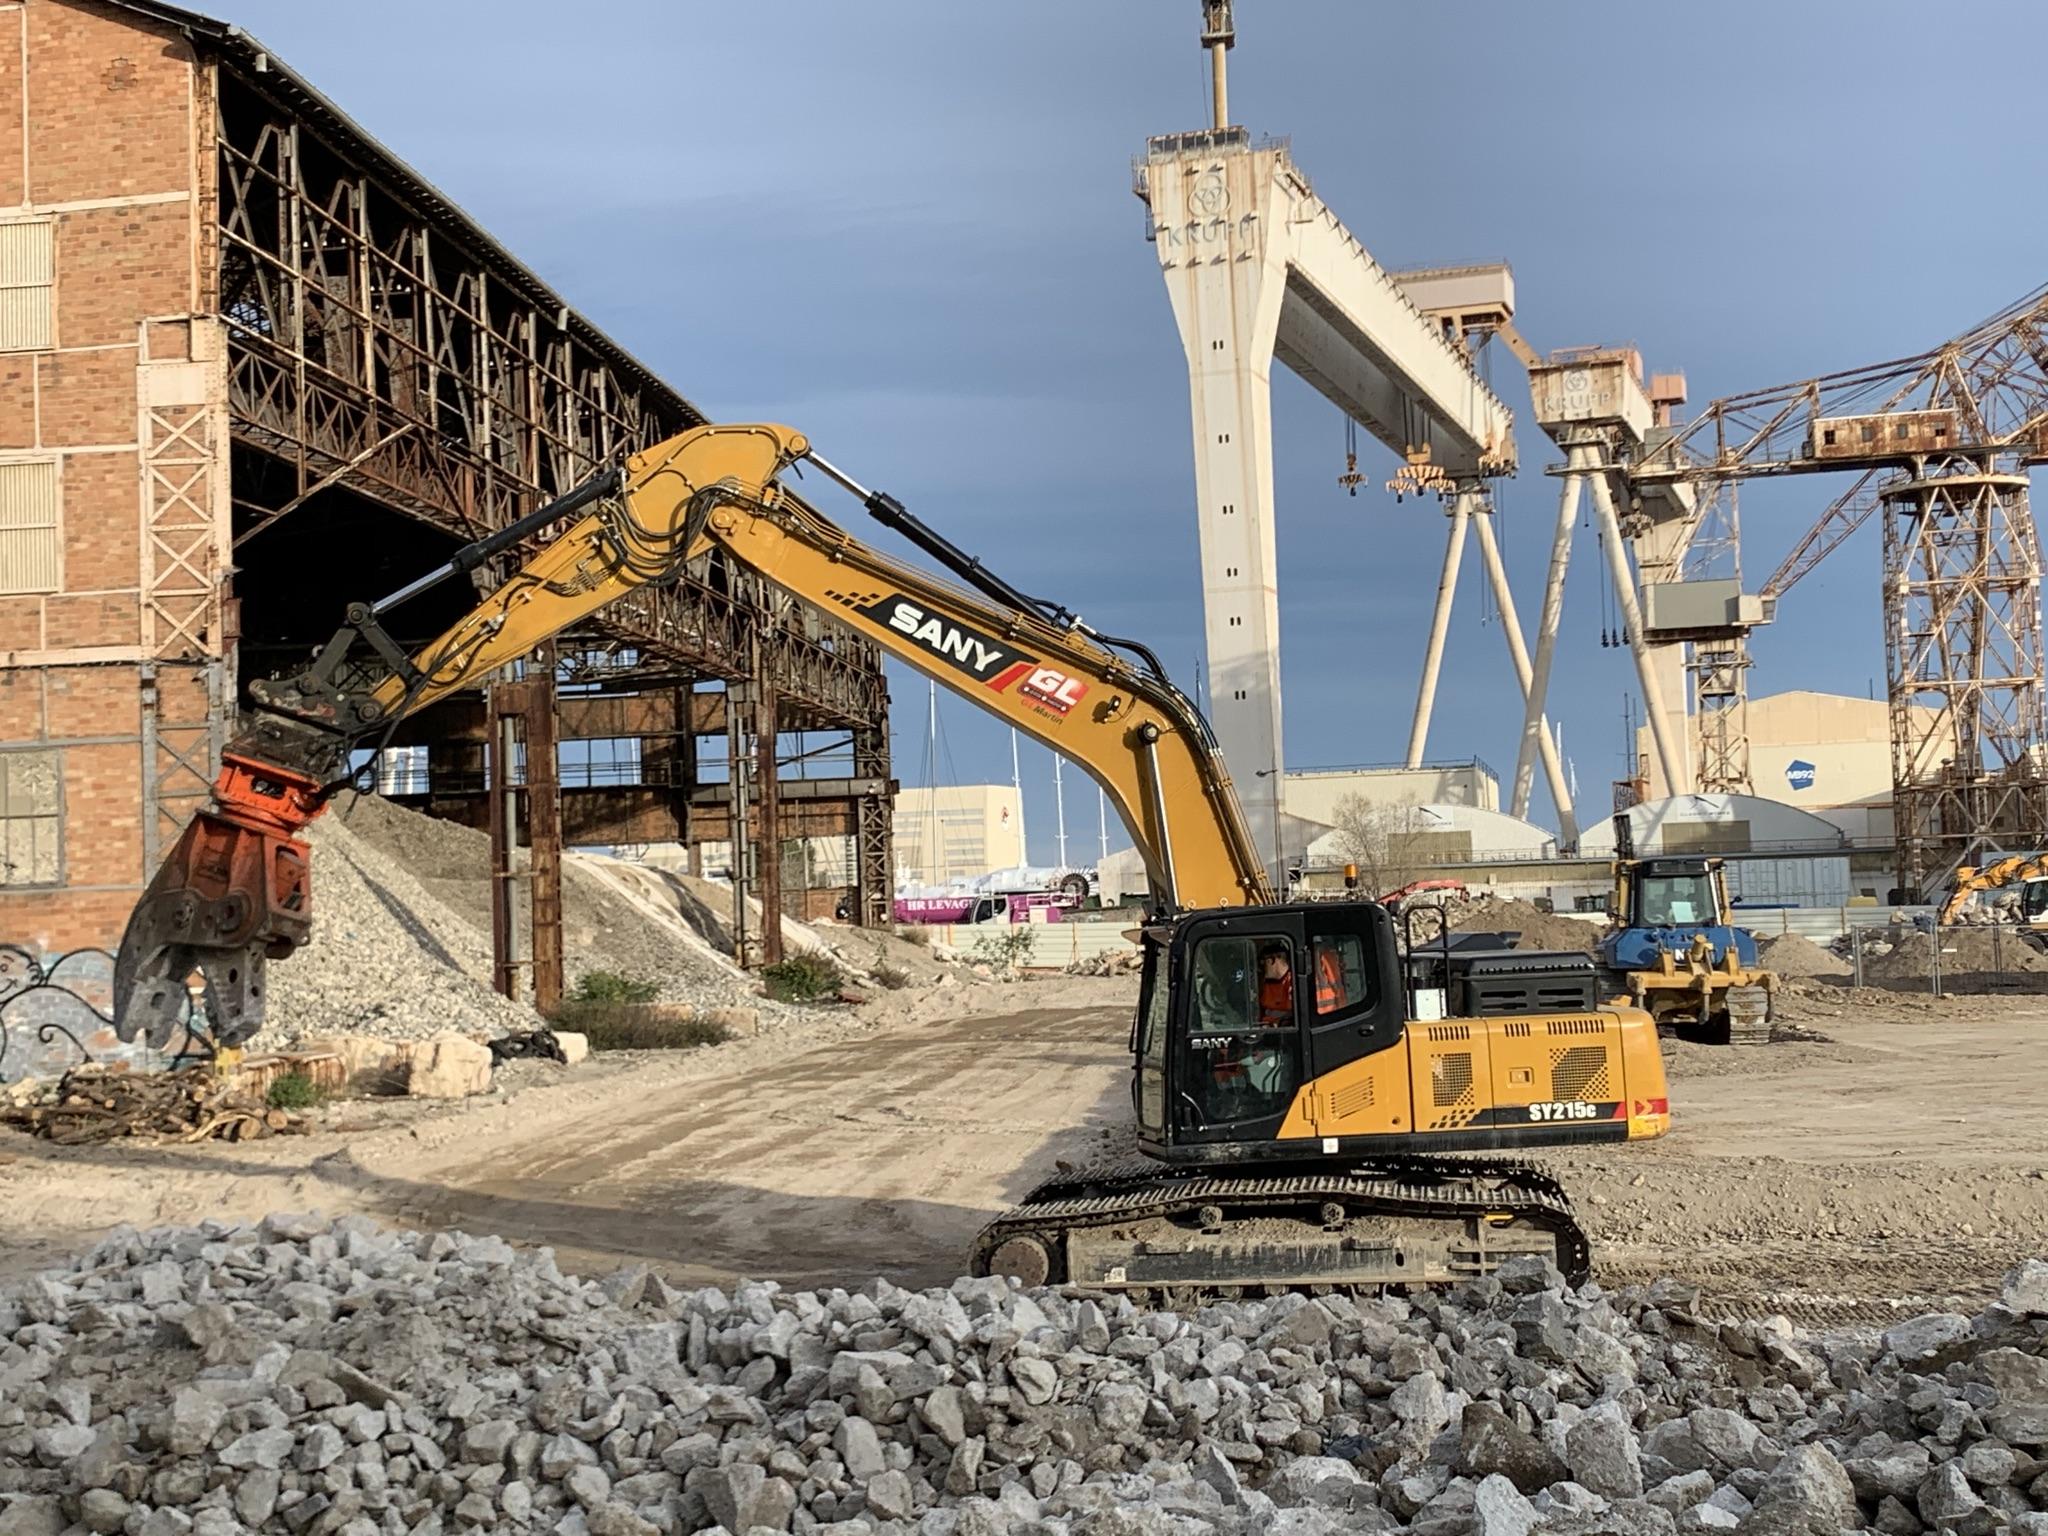 SY215 sur un chantier